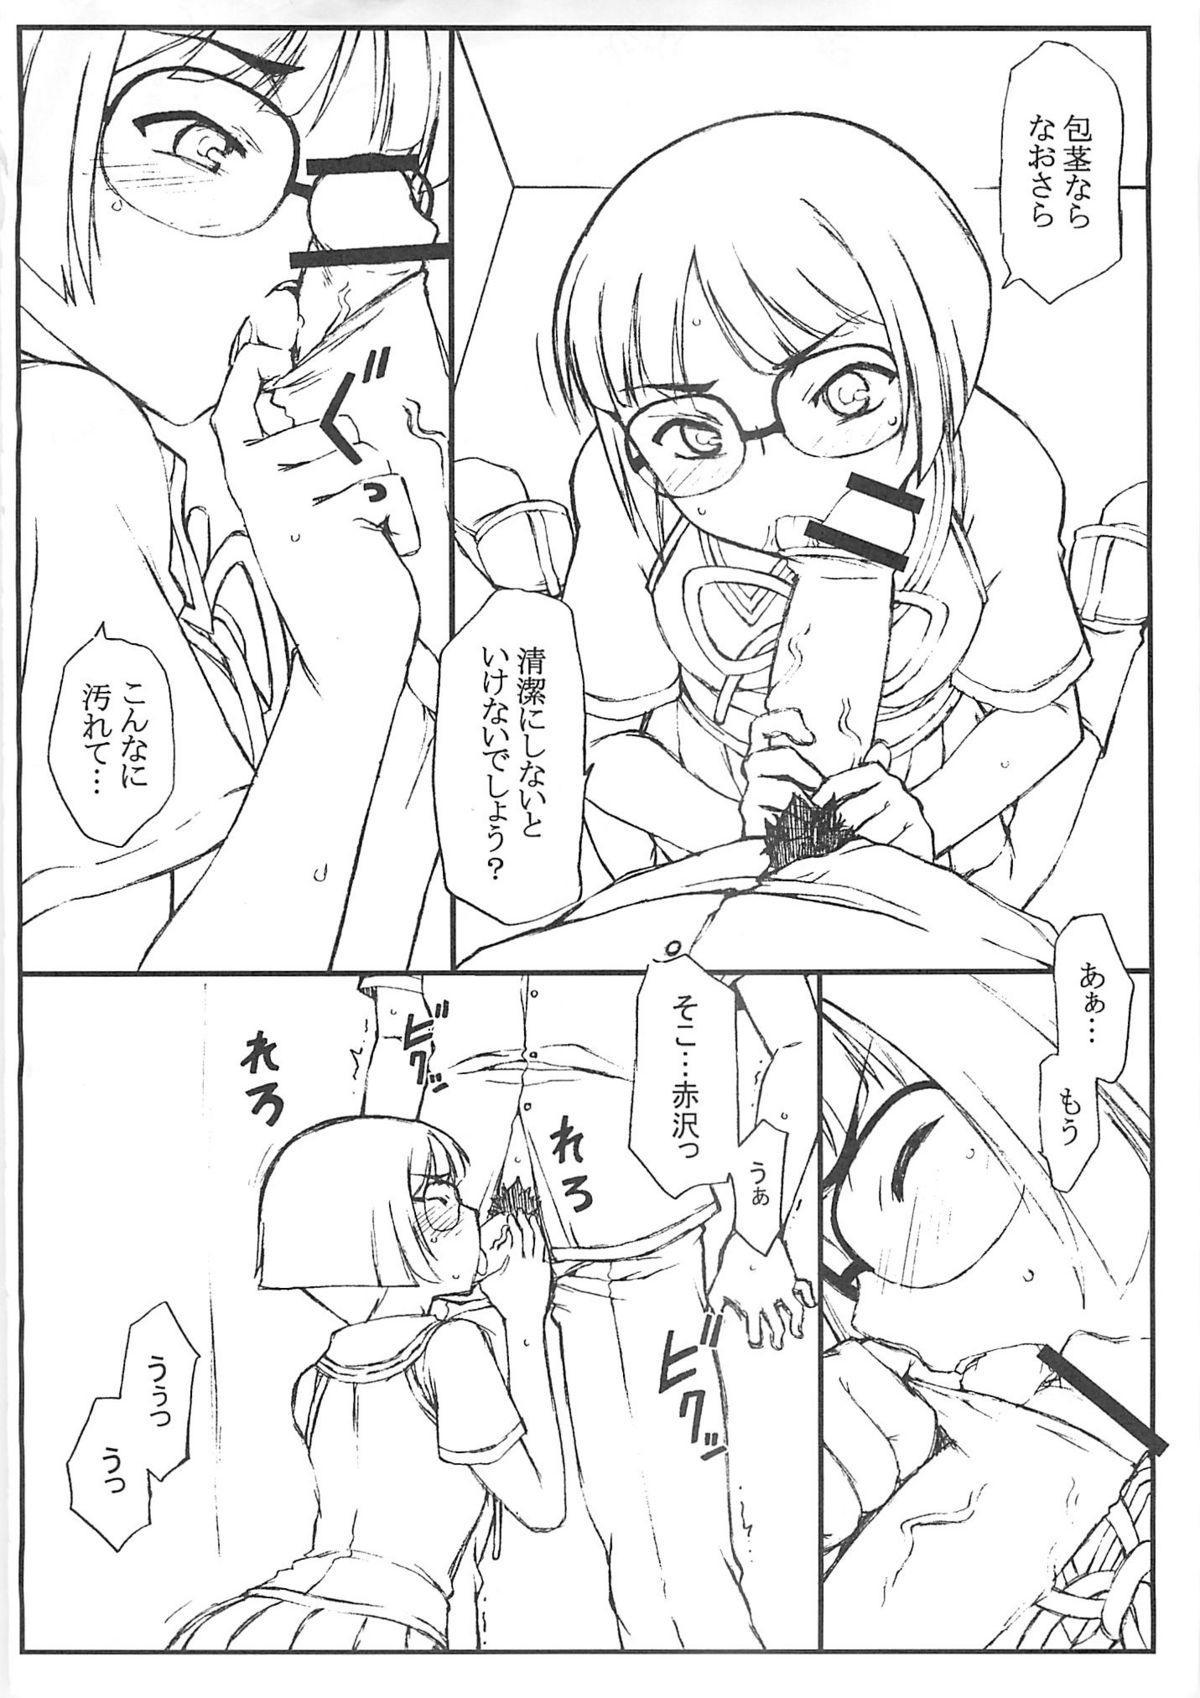 Copy Shi Daioujou. 4